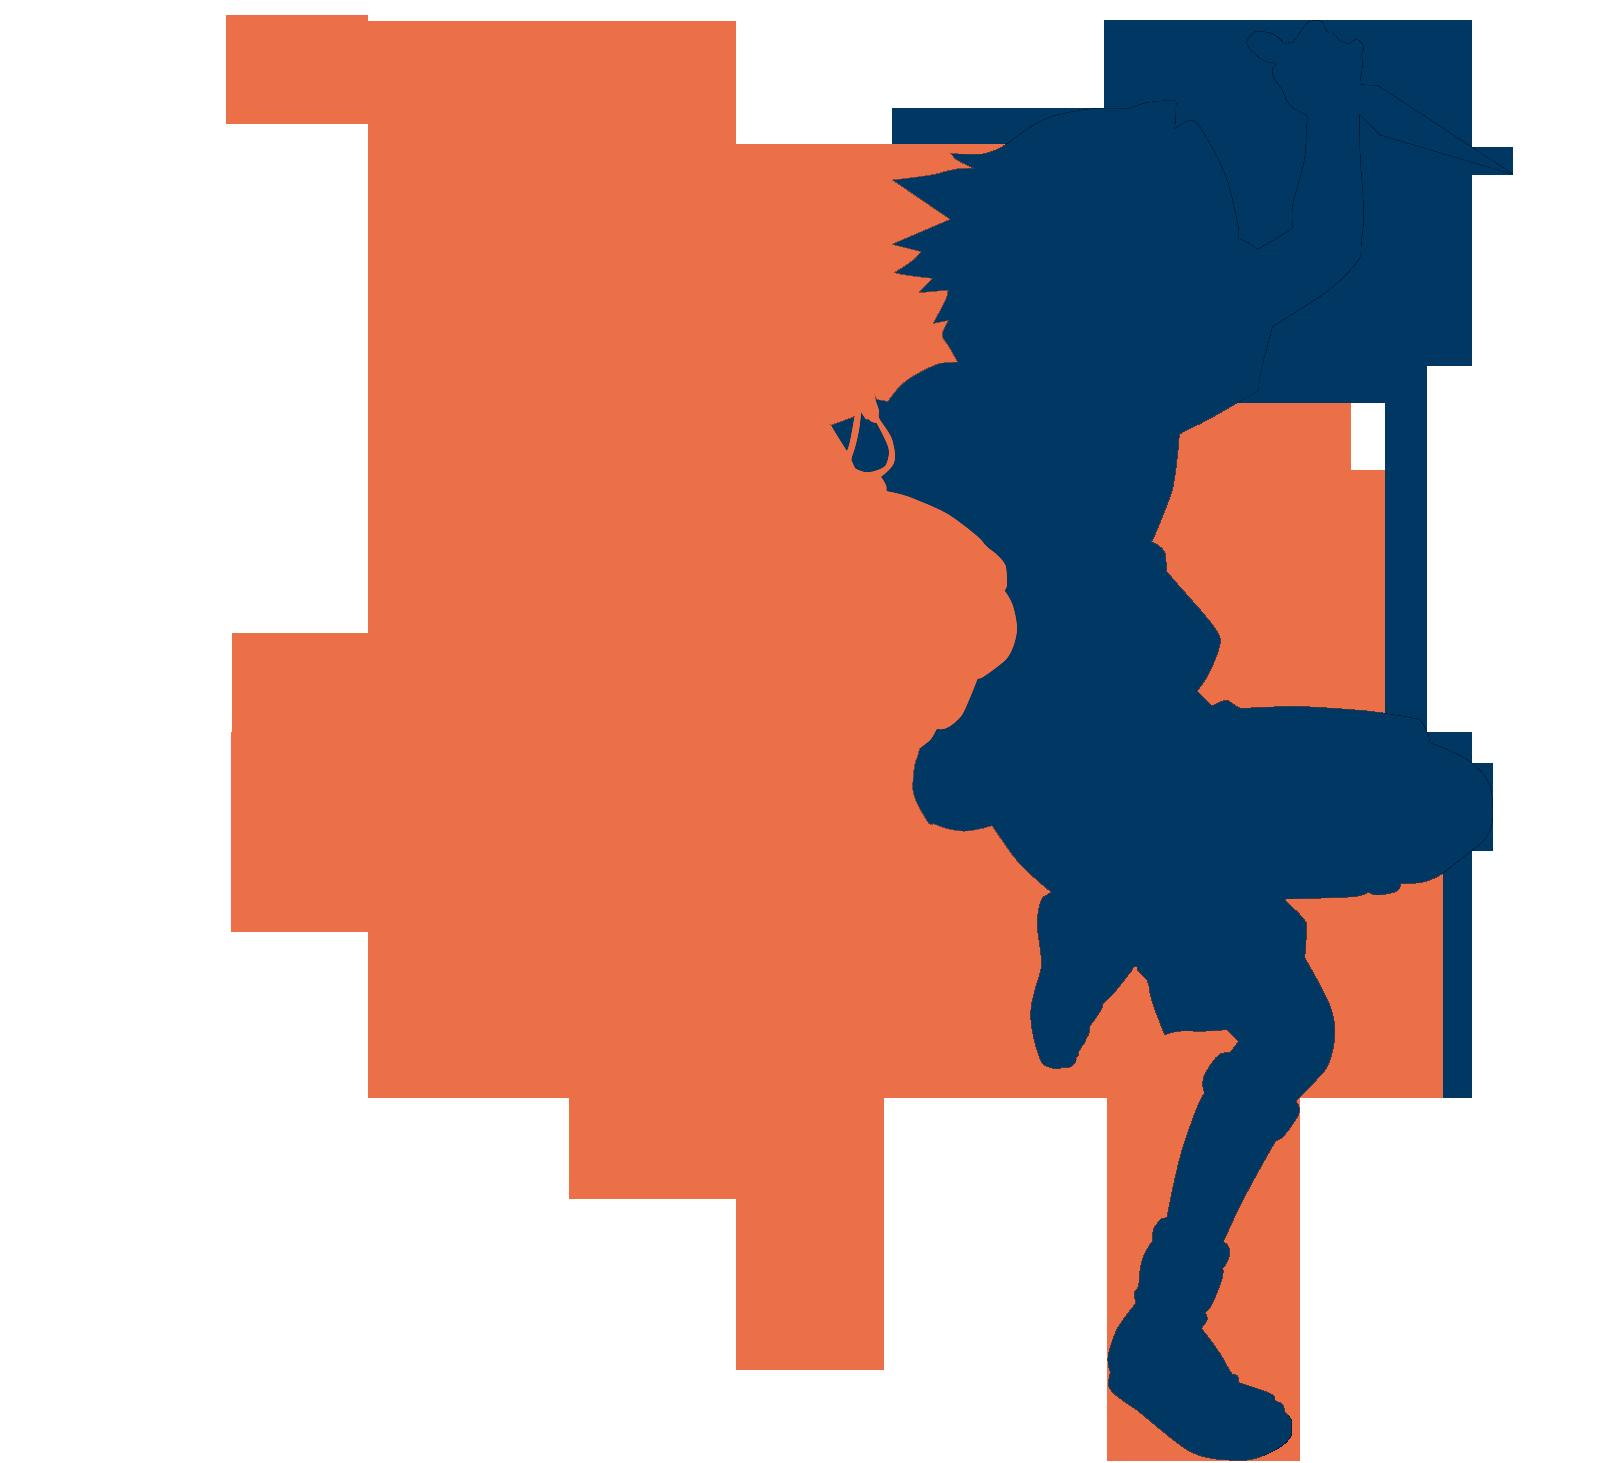 Prototipo de Ficha Ninja Silueta_Naruto_y_Sasuke_by_Joan_487